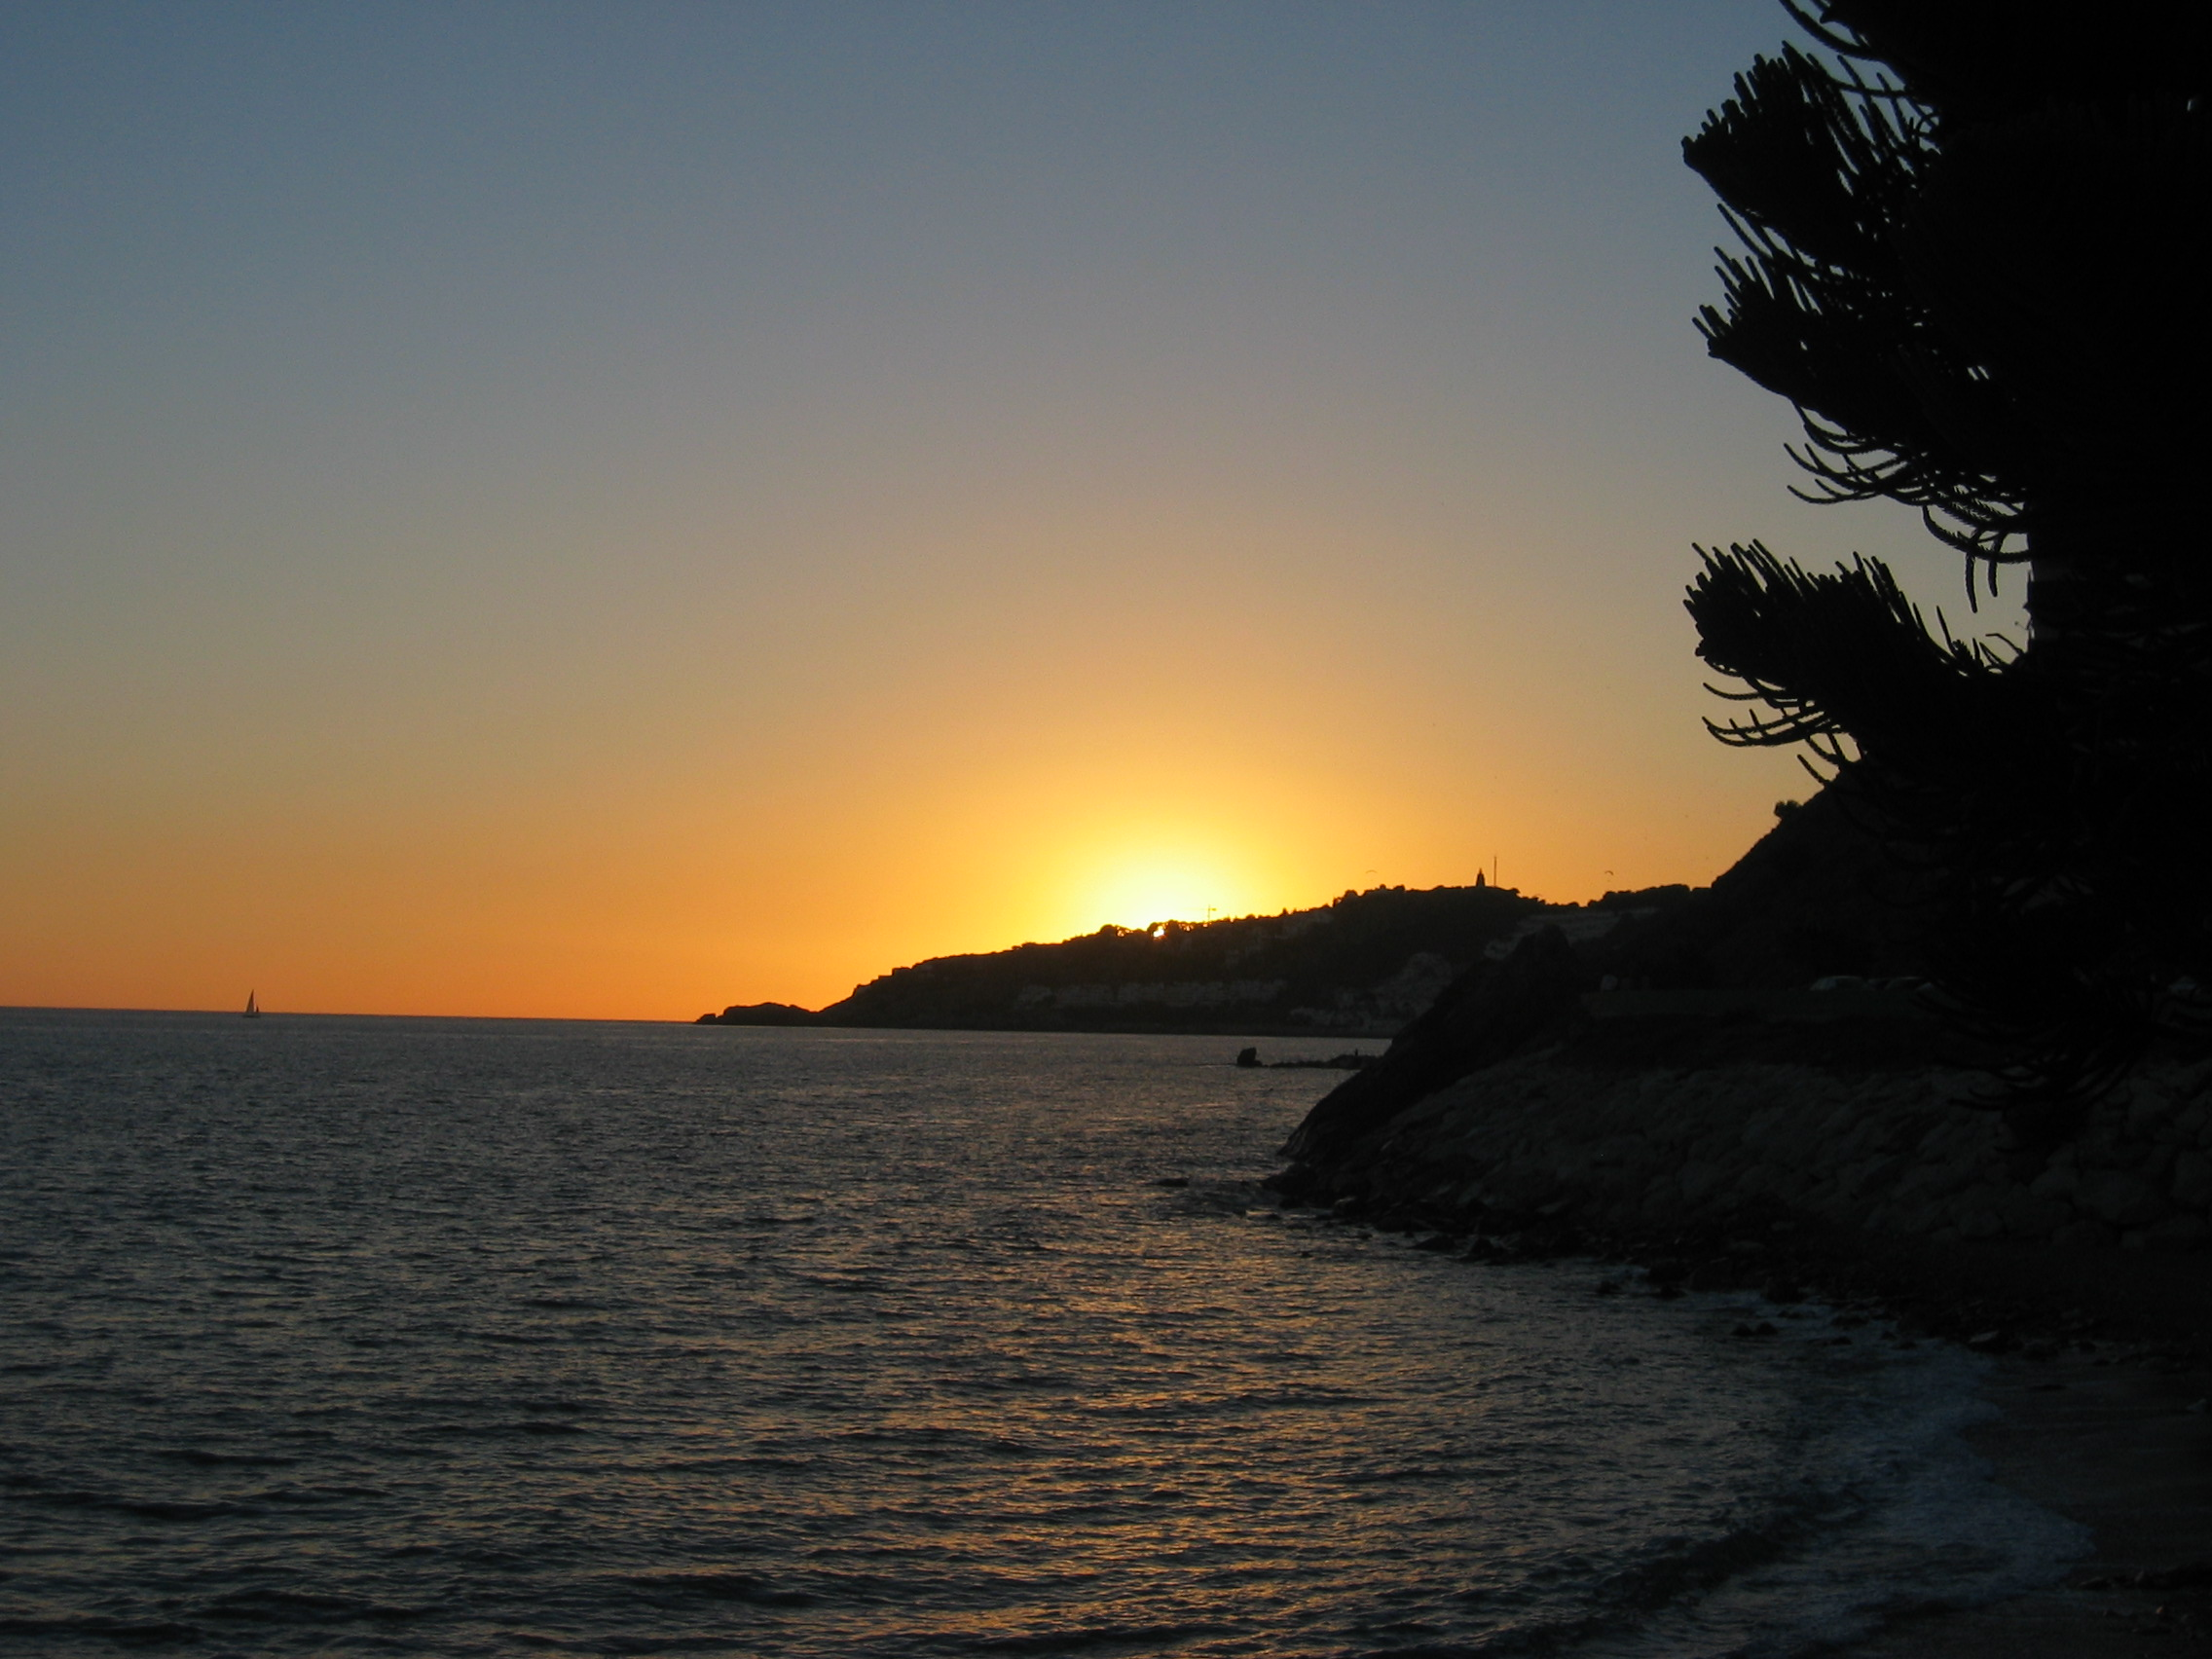 Playa Puerta del Mar / Fuentepiedra